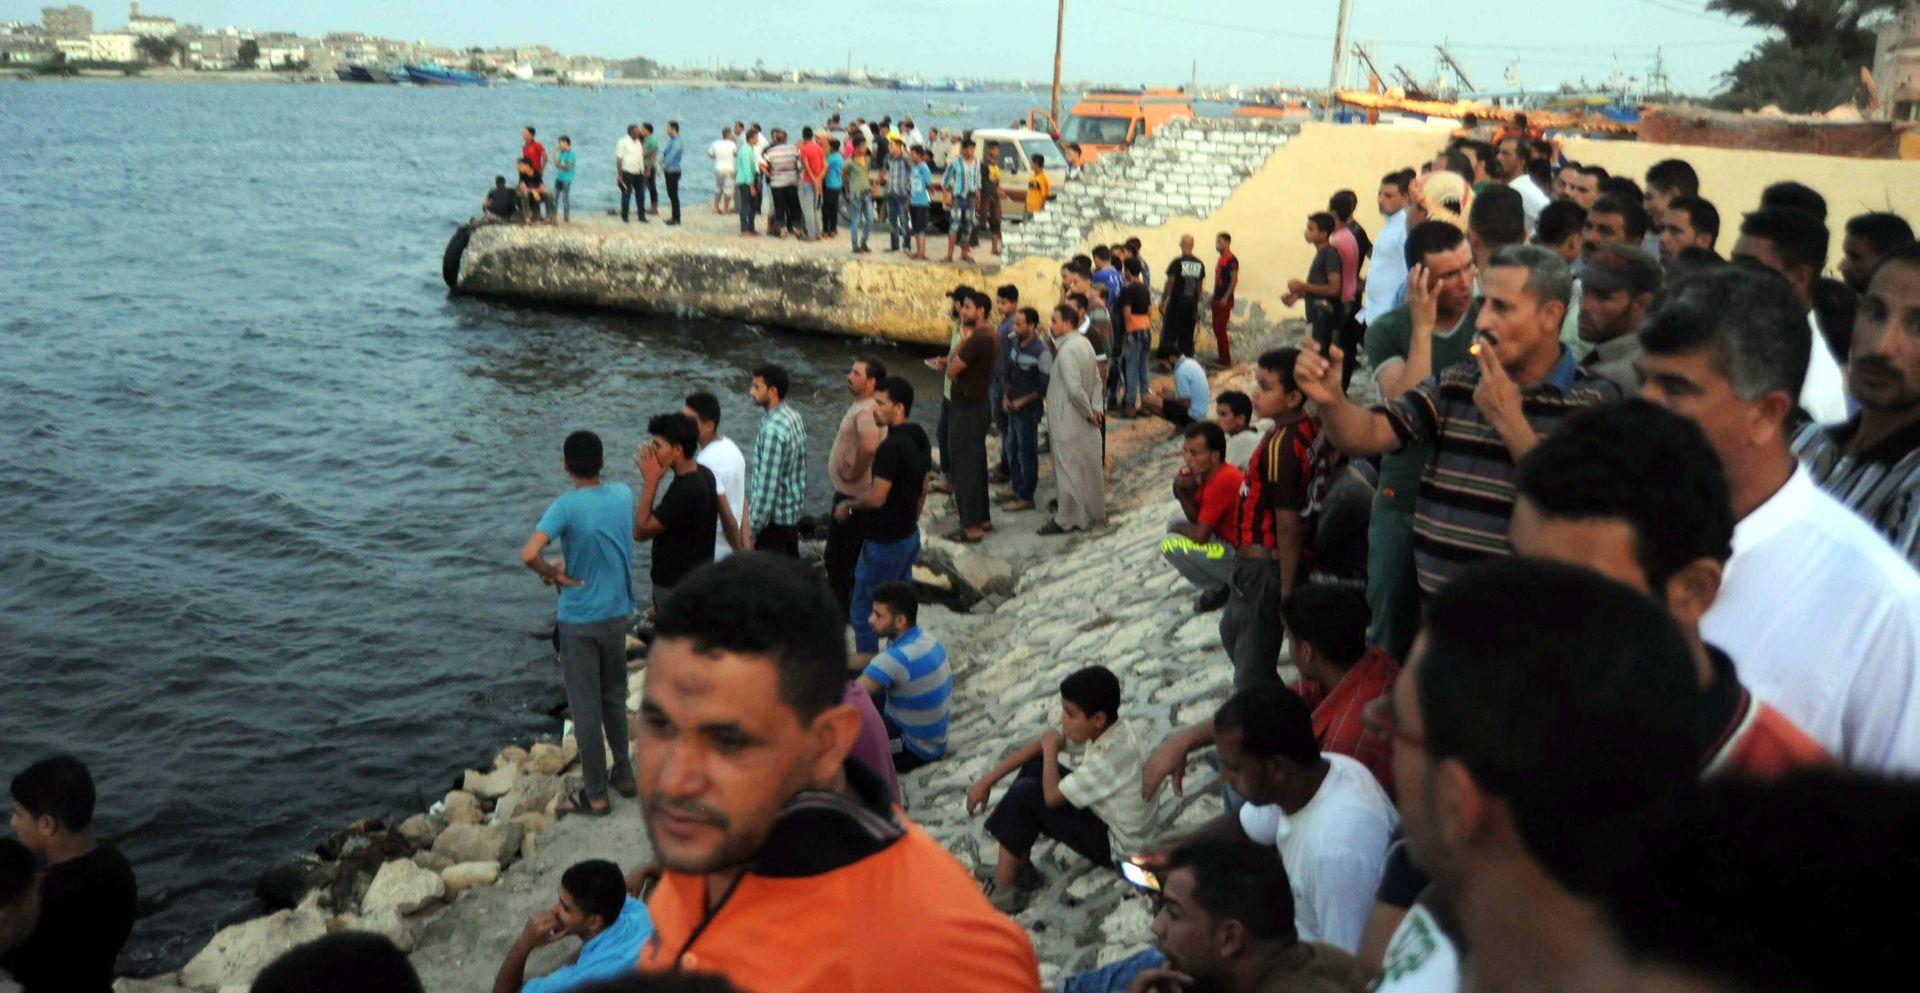 """PREŽIVJELI S BRODA """"Bojimo se da se stotine ljudi utopilo"""""""